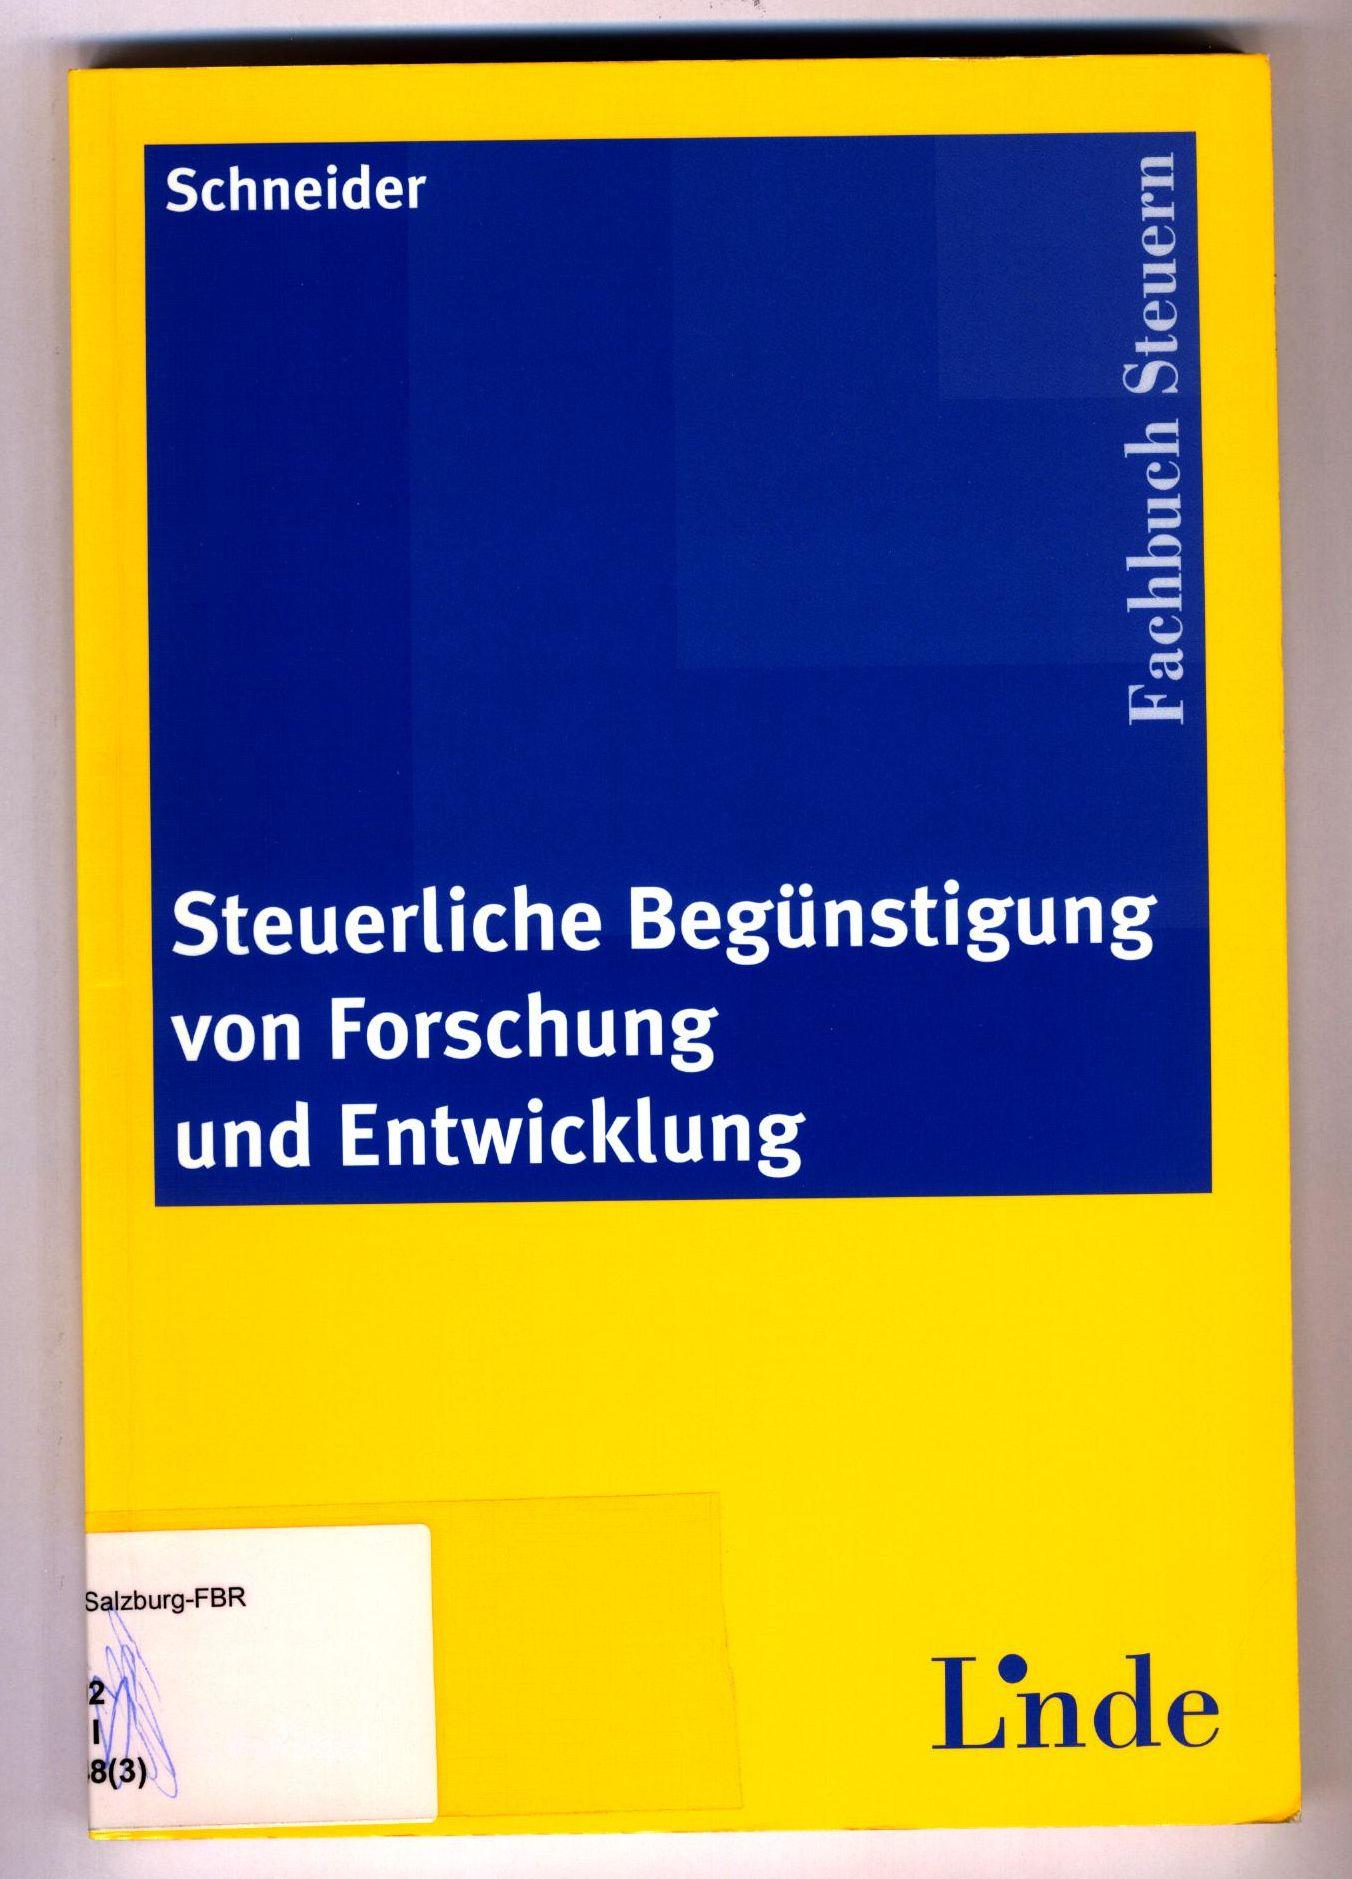 Steuerliche Begünstigung von Forschung und Entwicklung Fachbuch Steuern 3. Auflage - Schneider, Herwig W.